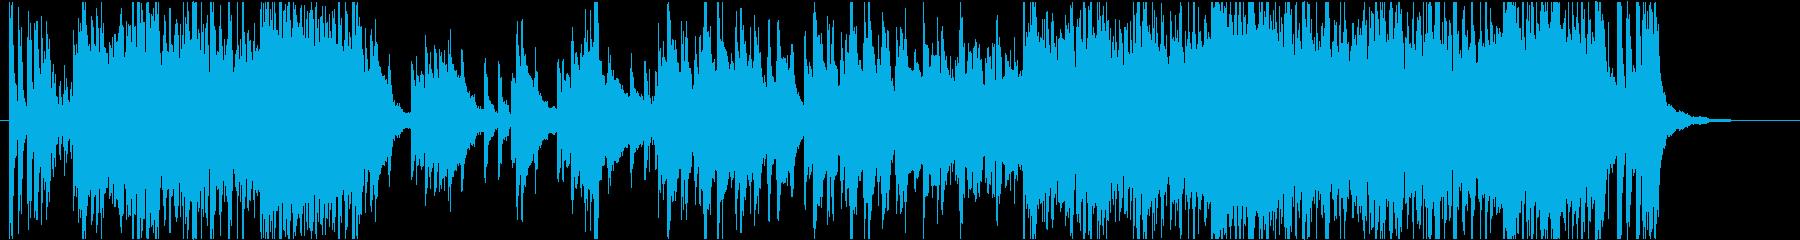 和太鼓や琴を使ったキャッチーで和風元気の再生済みの波形